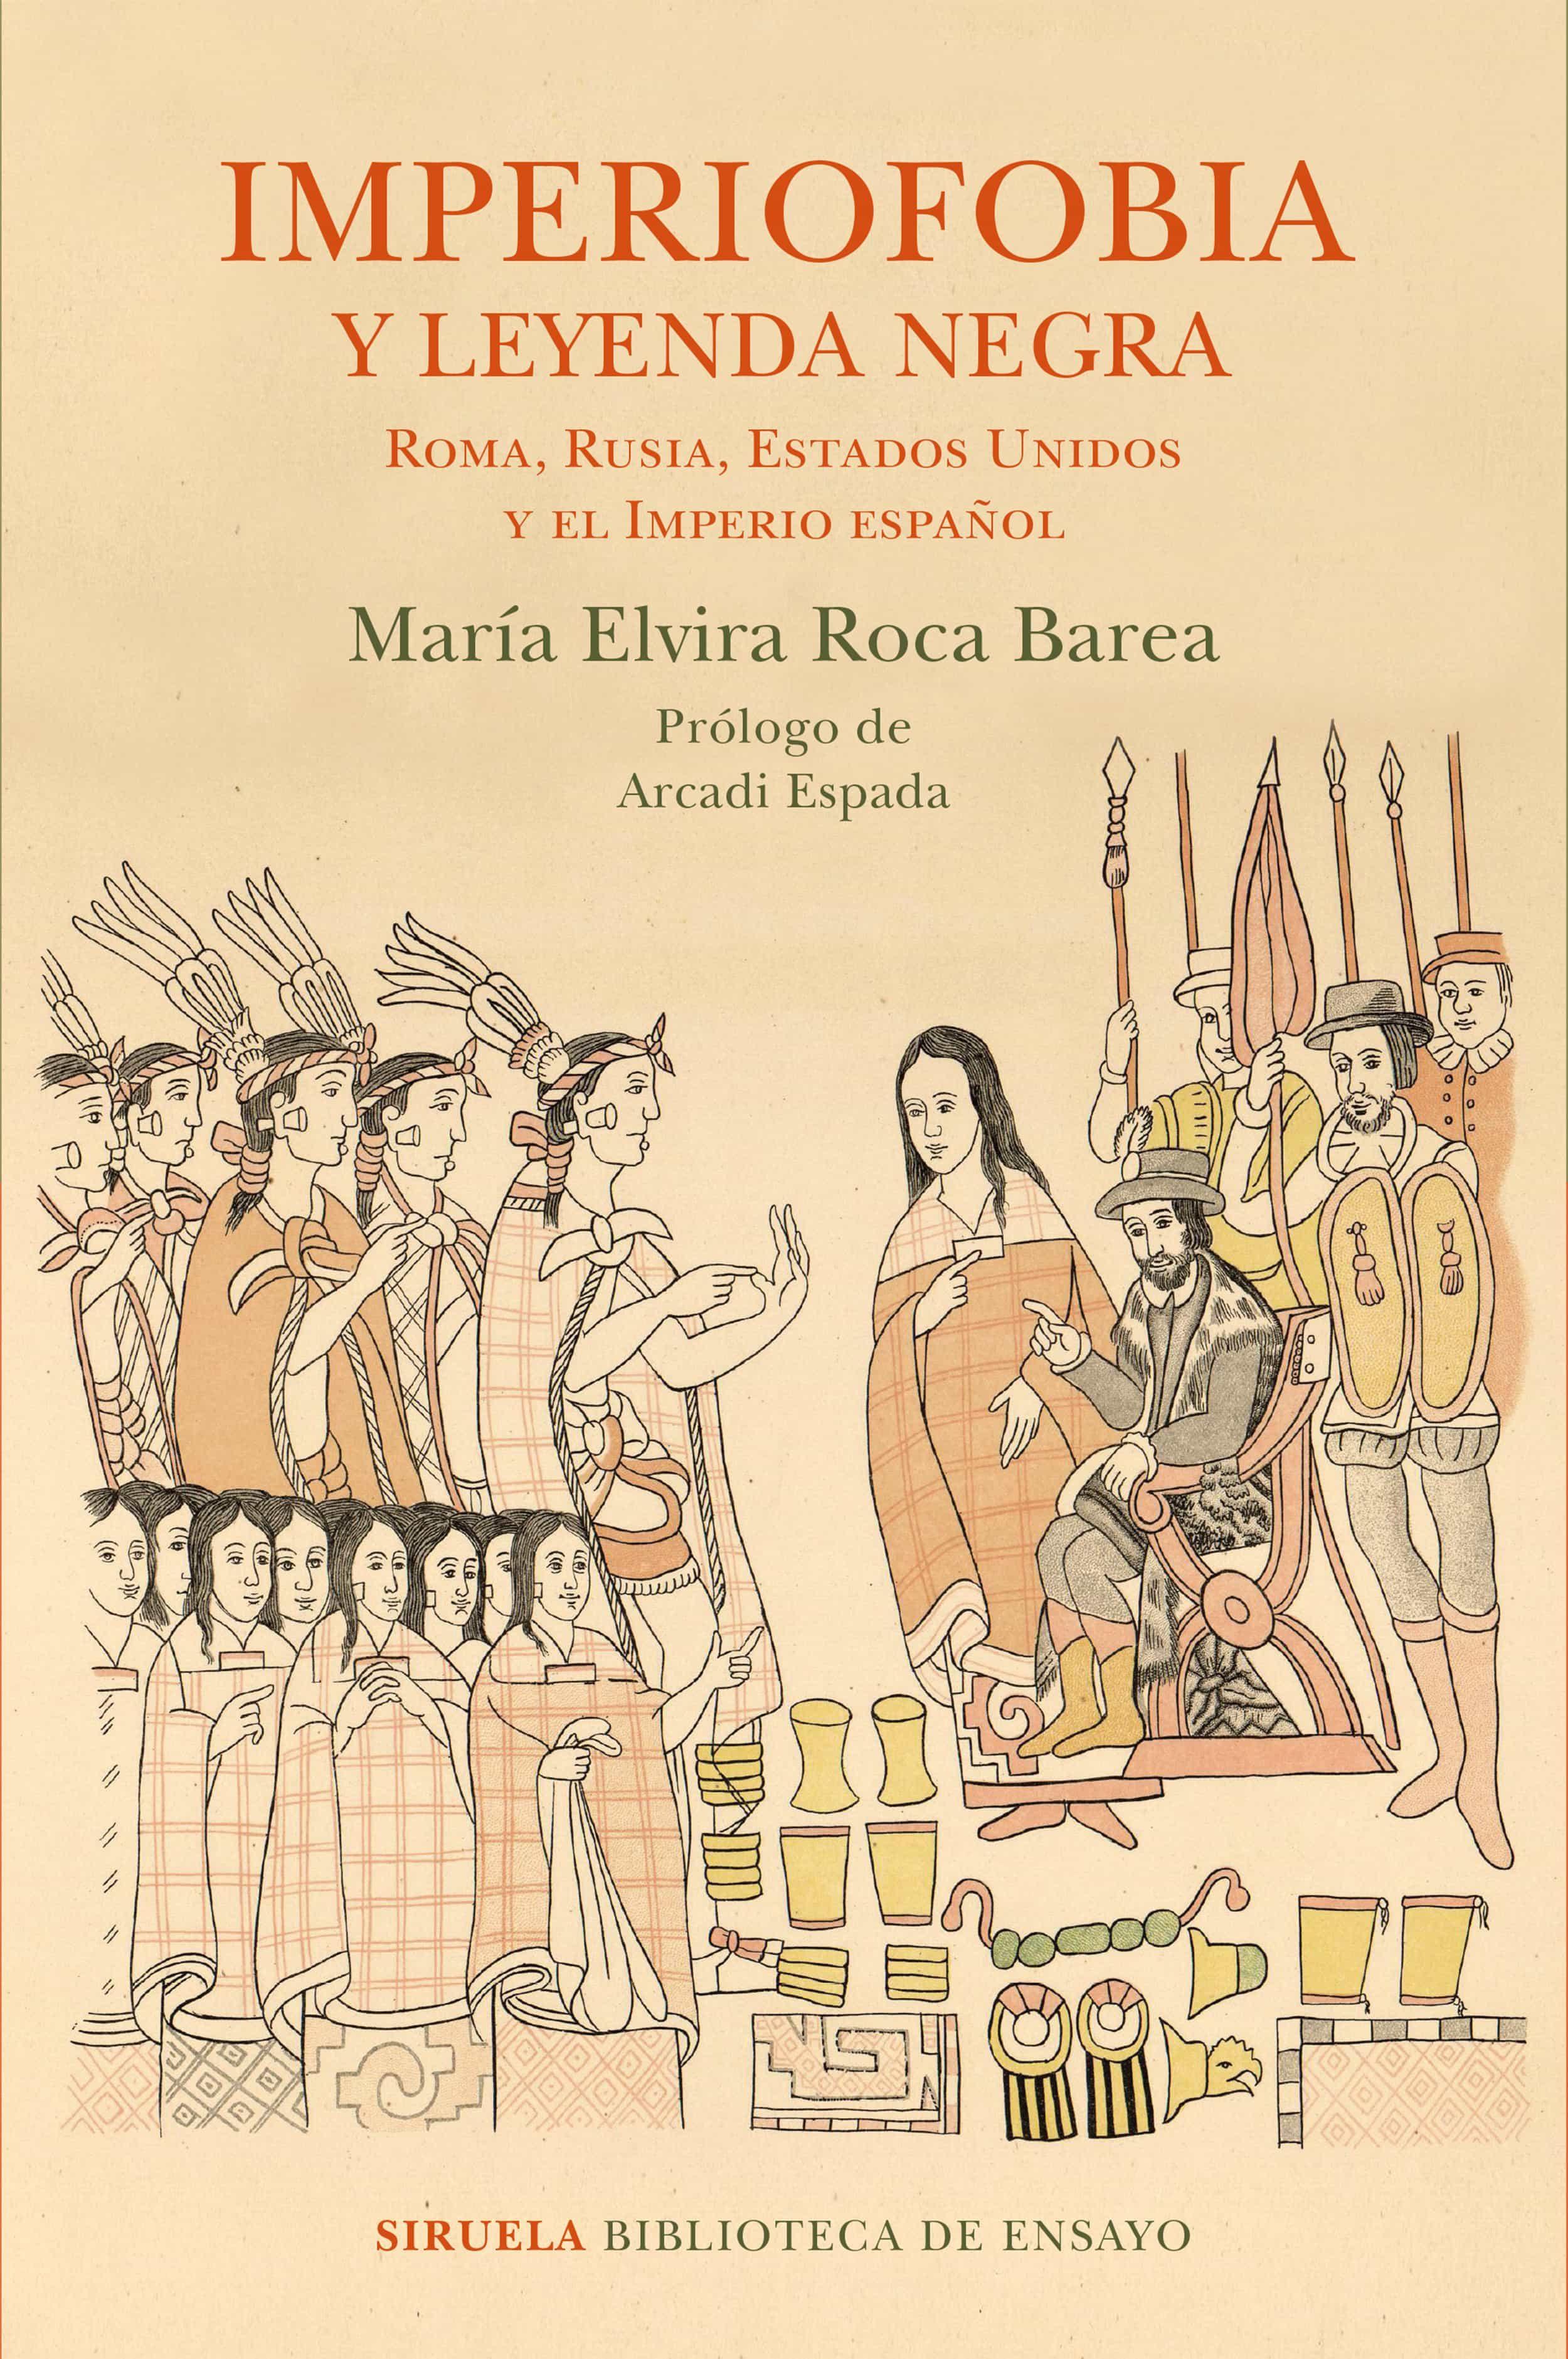 Imperiofobia y leyenda negra ebook maria elvira roca barea 9788416854783